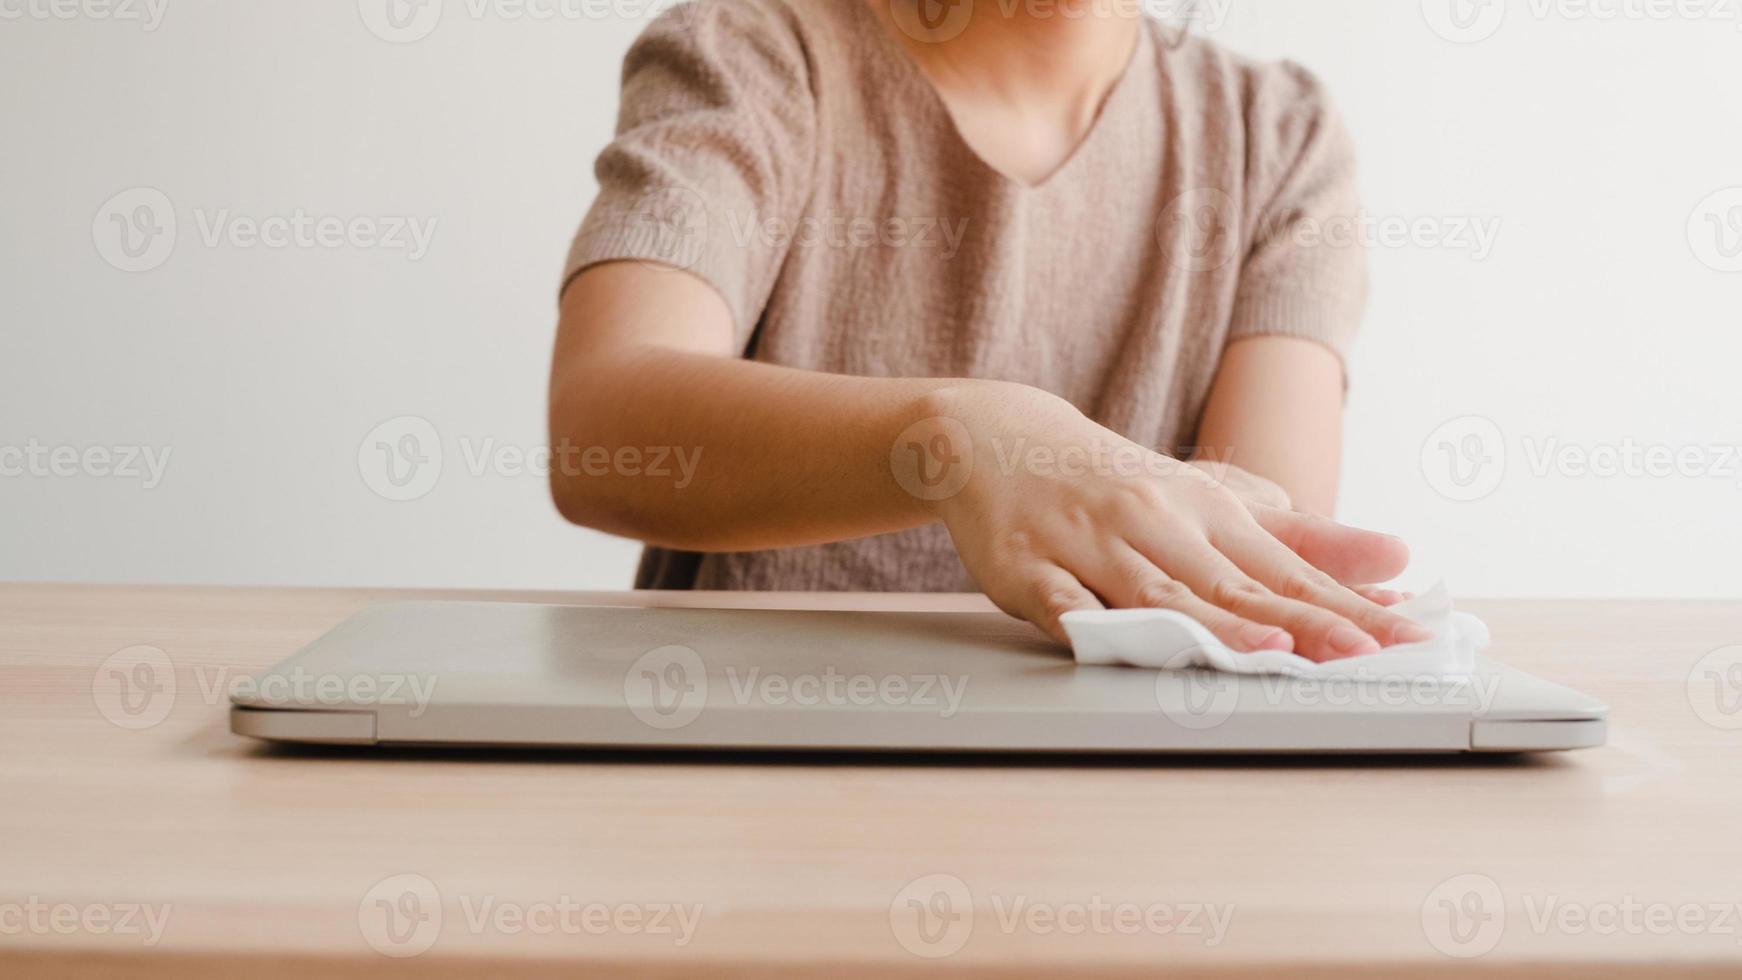 asiatisk kvinna som använder alkoholspray på mjukpappersren bärbar dator innan den öppnas för att skydda coronaviruset. kvinnlig ren dator för hygien när social distans stannar hemma och självkarantän tid. foto